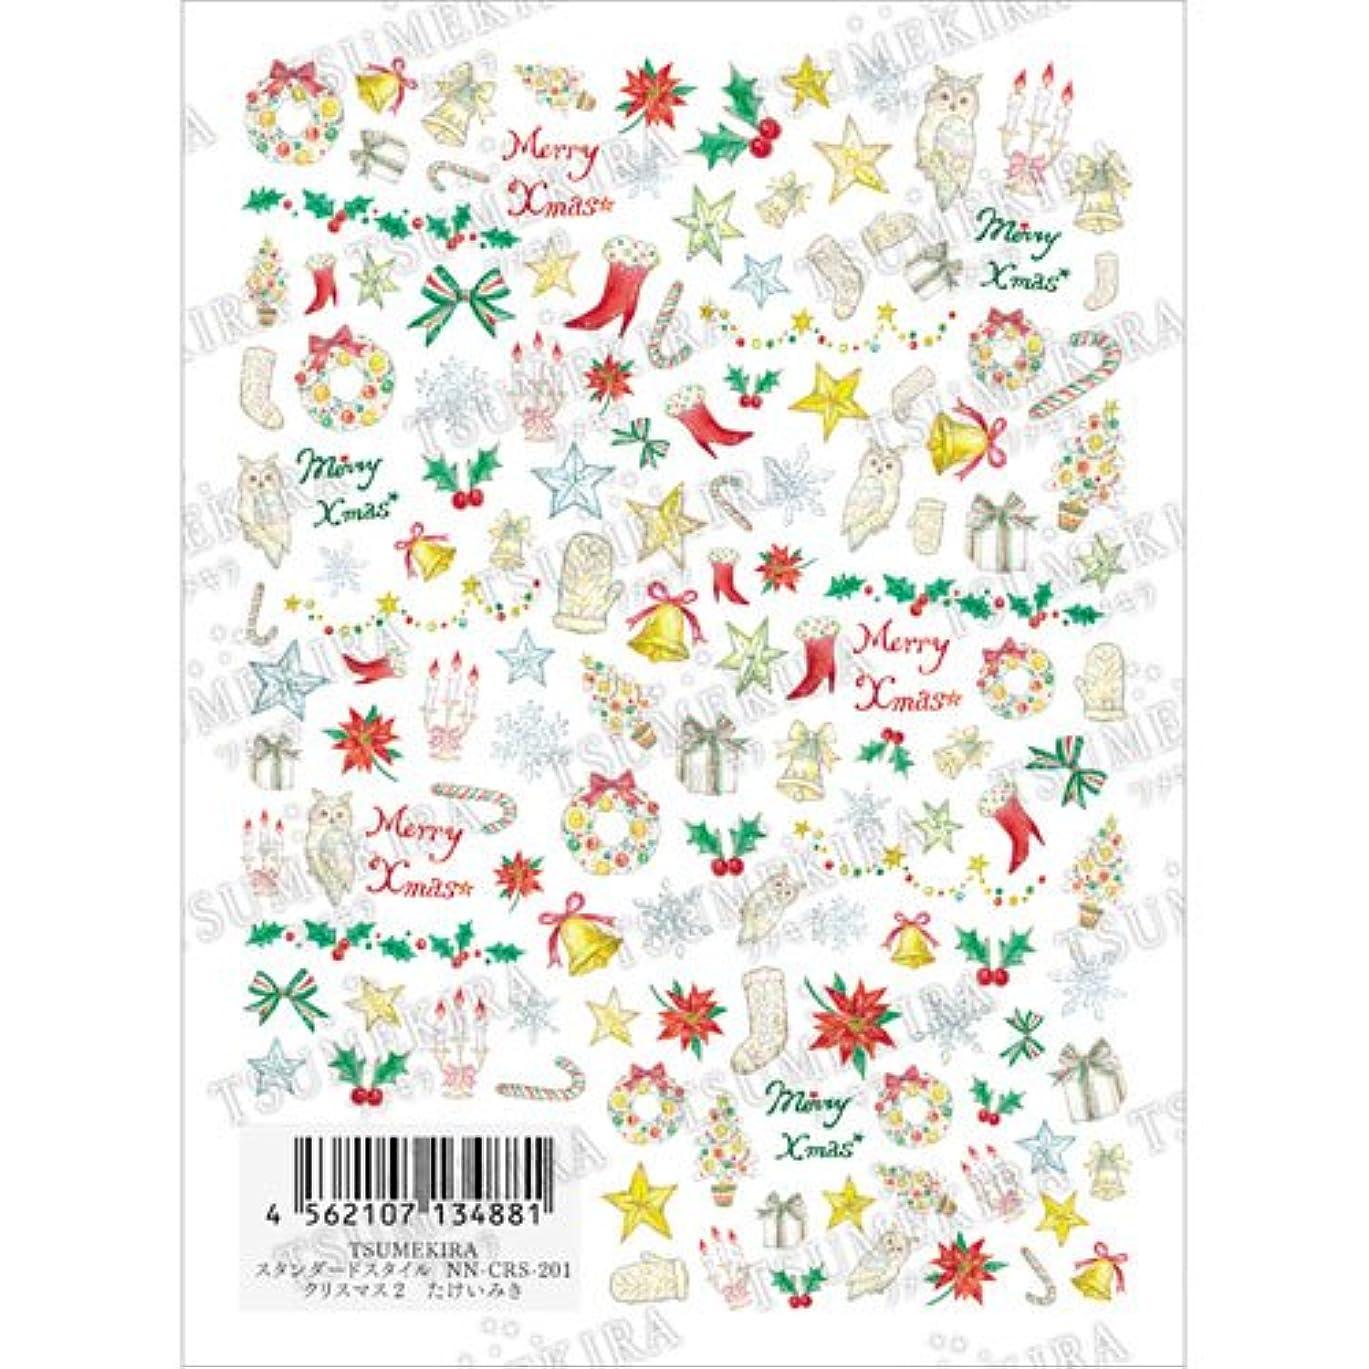 葬儀相手署名ツメキラ ネイル用シール スタンダードスタイル クリスマス2 タケイミキ NN-CRS-201